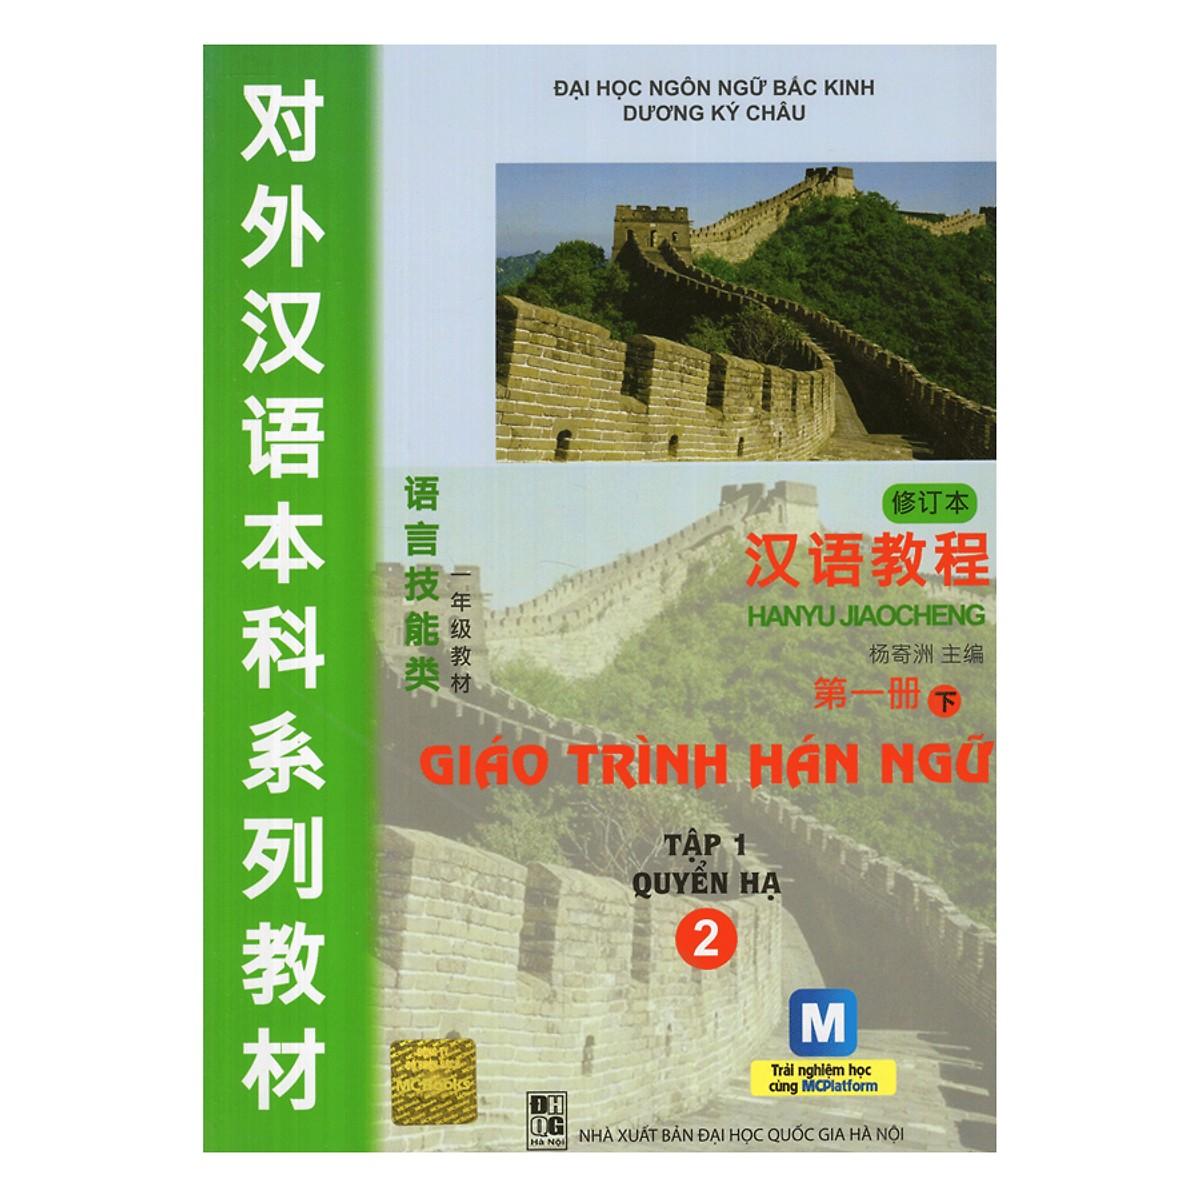 Trọn bộ 6 quyển: Giáo trình hán ngữ (phiên bản mới- app MCboocks)+ Tặng: Bộ đề luyện thi năng lực Hán Ngữ  HSK 3 - Tuyển tập đề thi mẫu